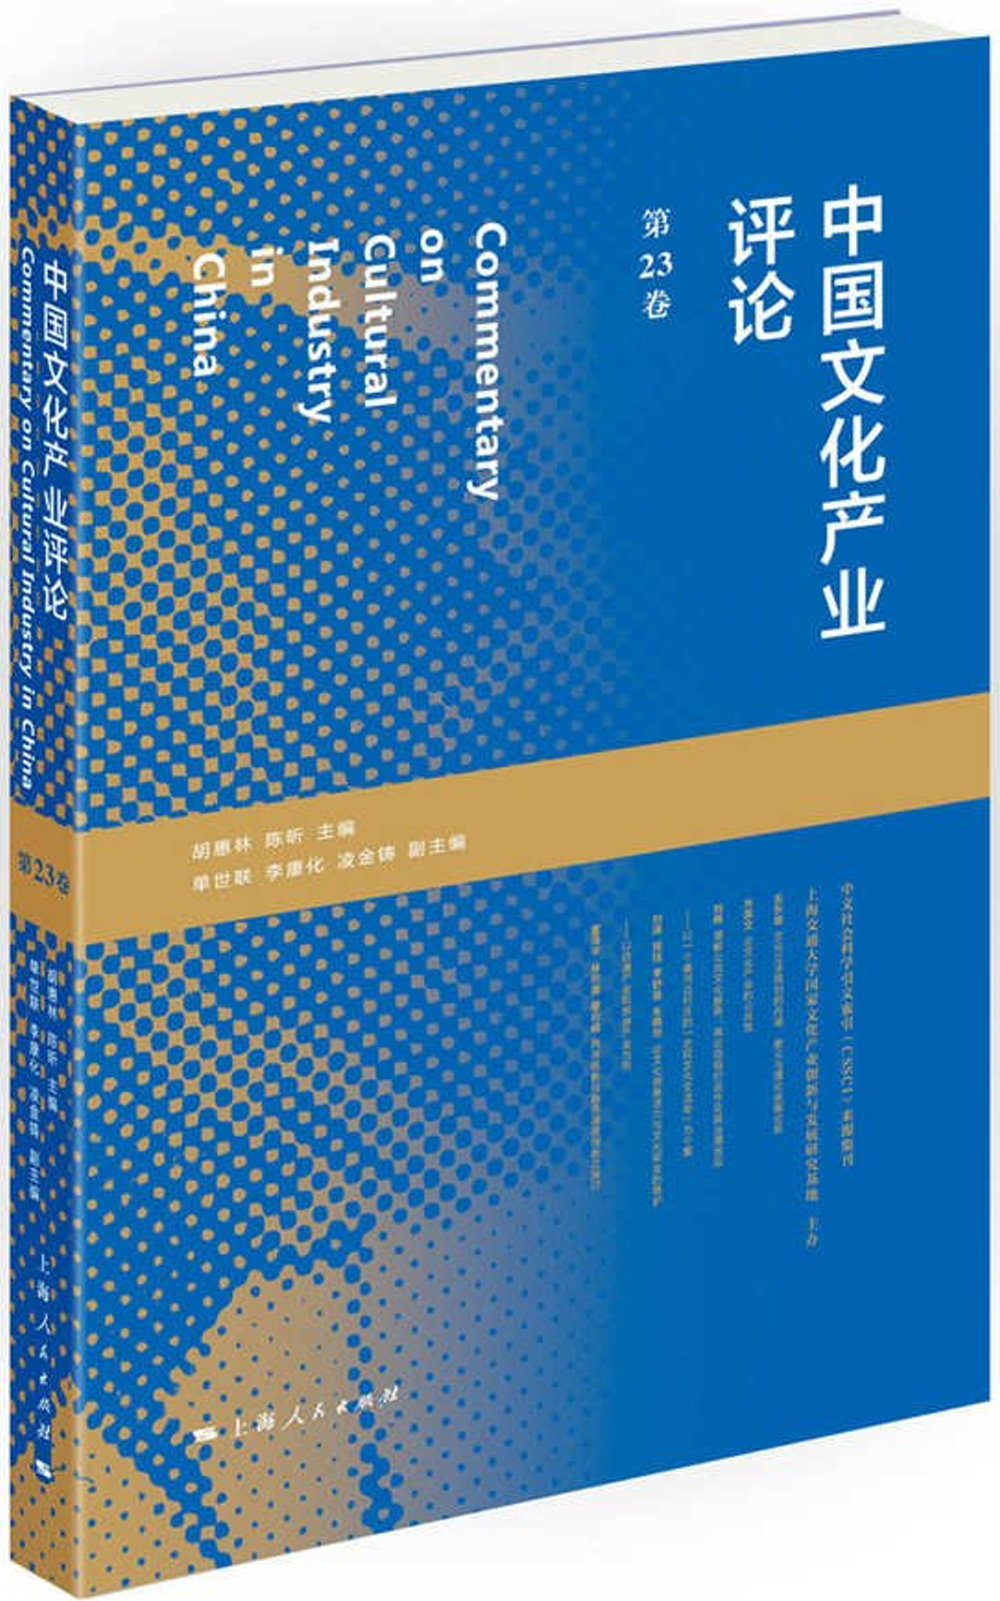 中國文化產業評論(第23卷)